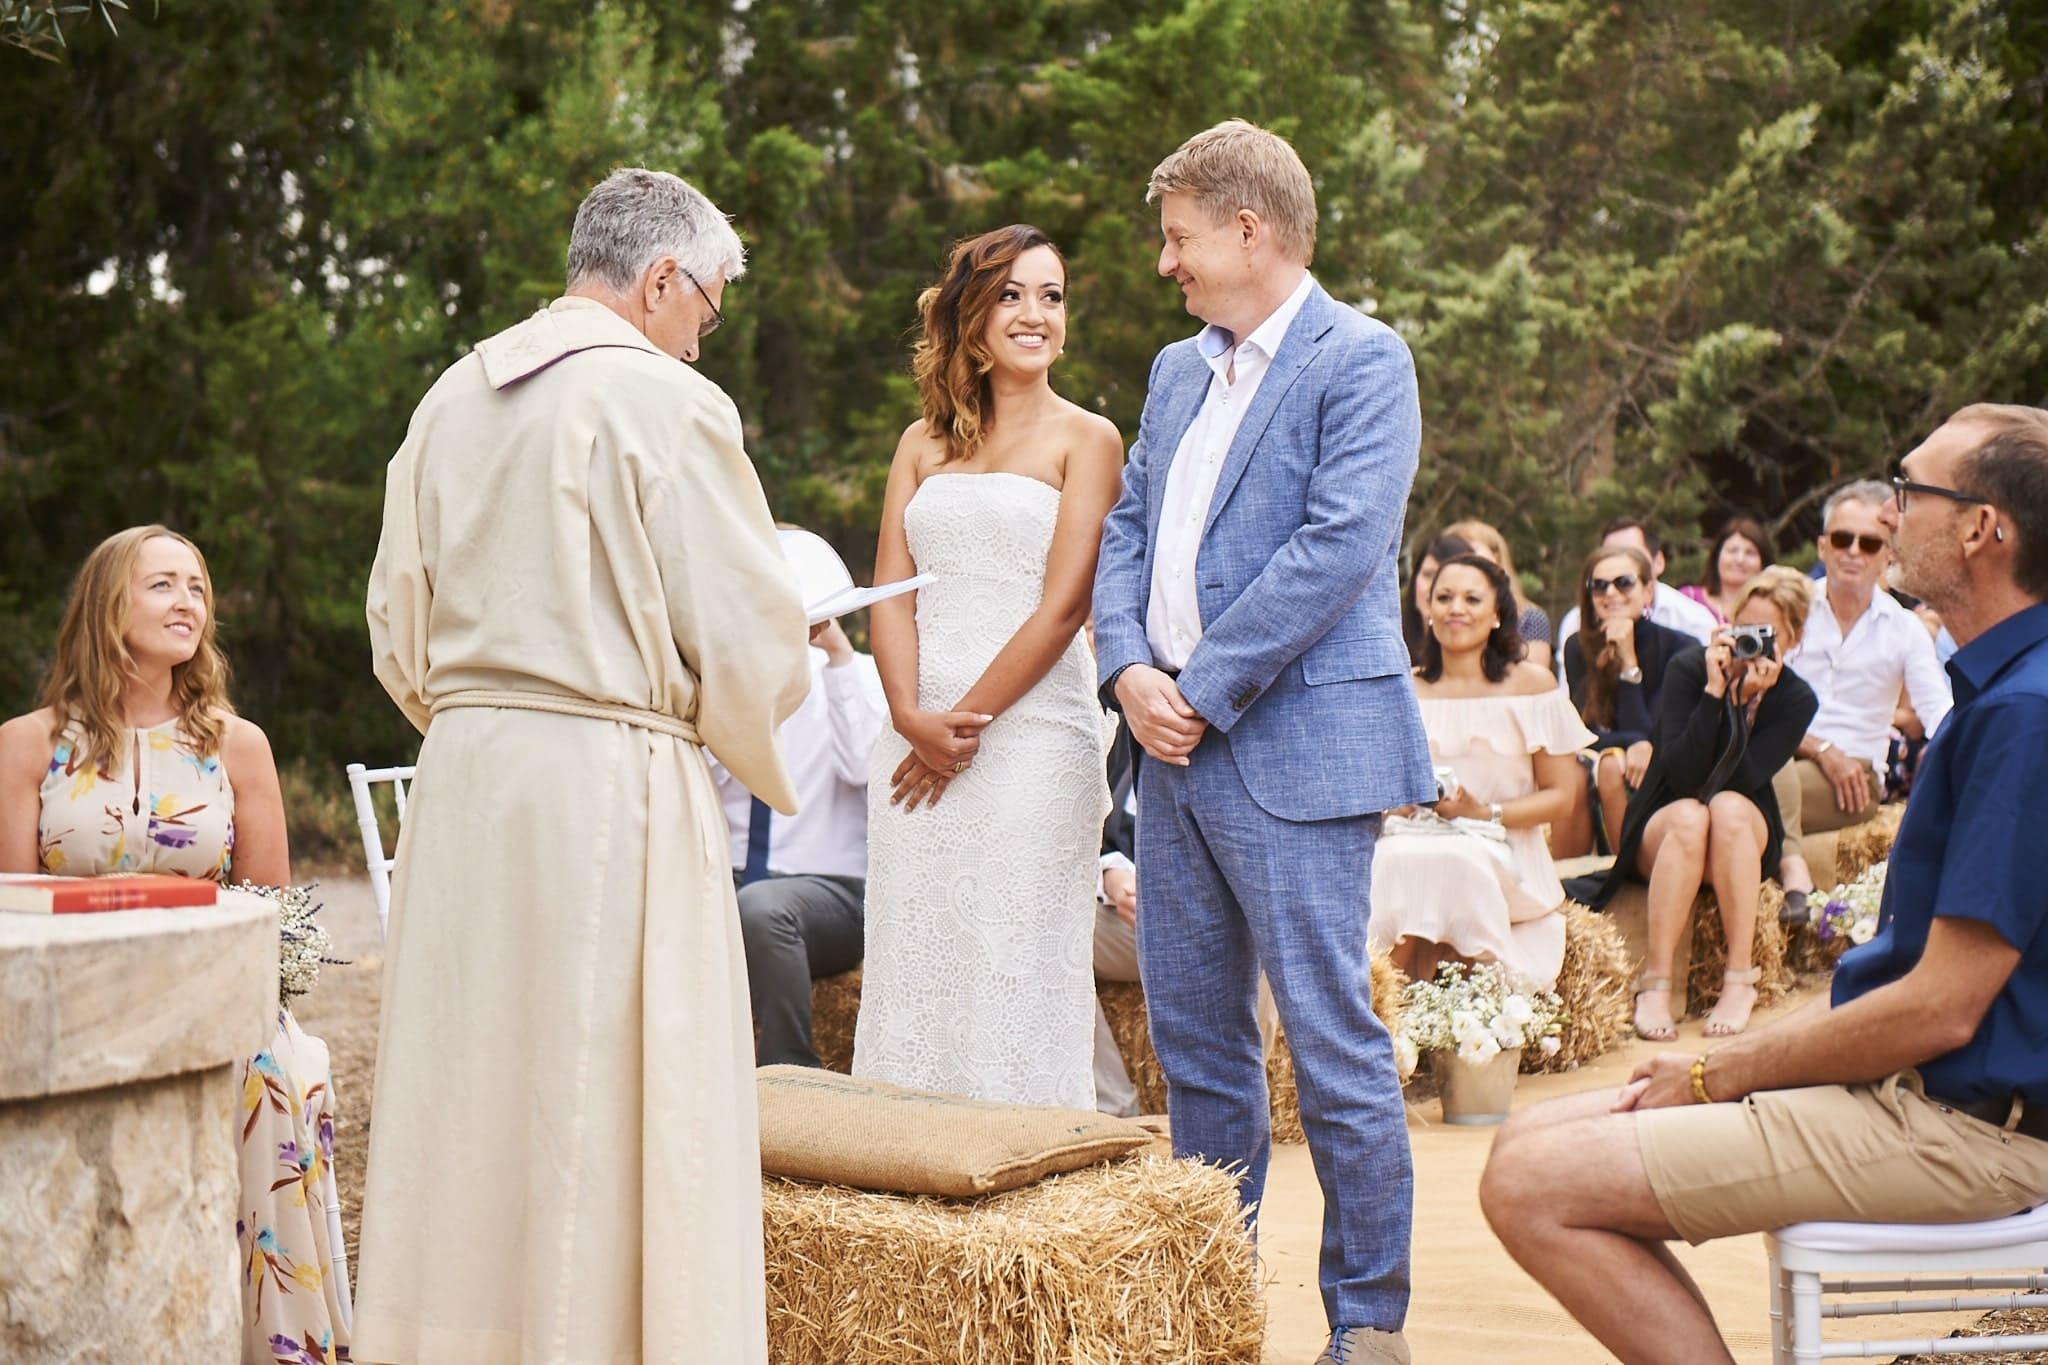 protestant ceremony in a rustic setting at Arta Mallorca